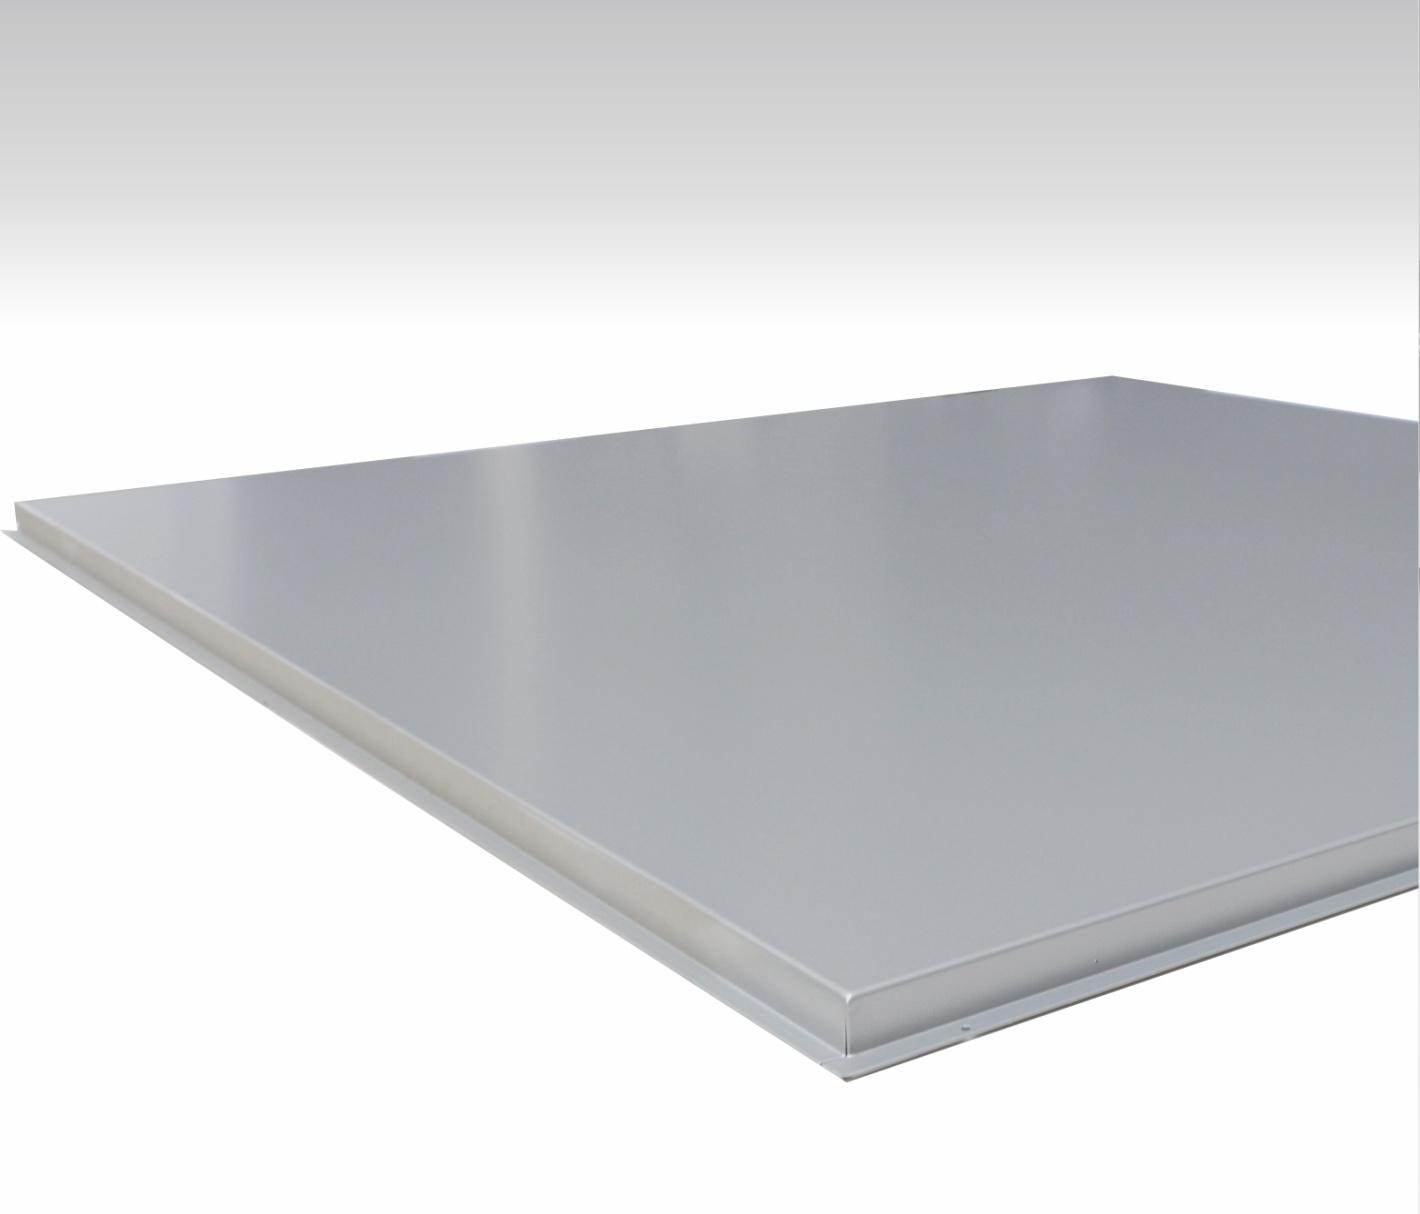 铝单板明槽集成系统